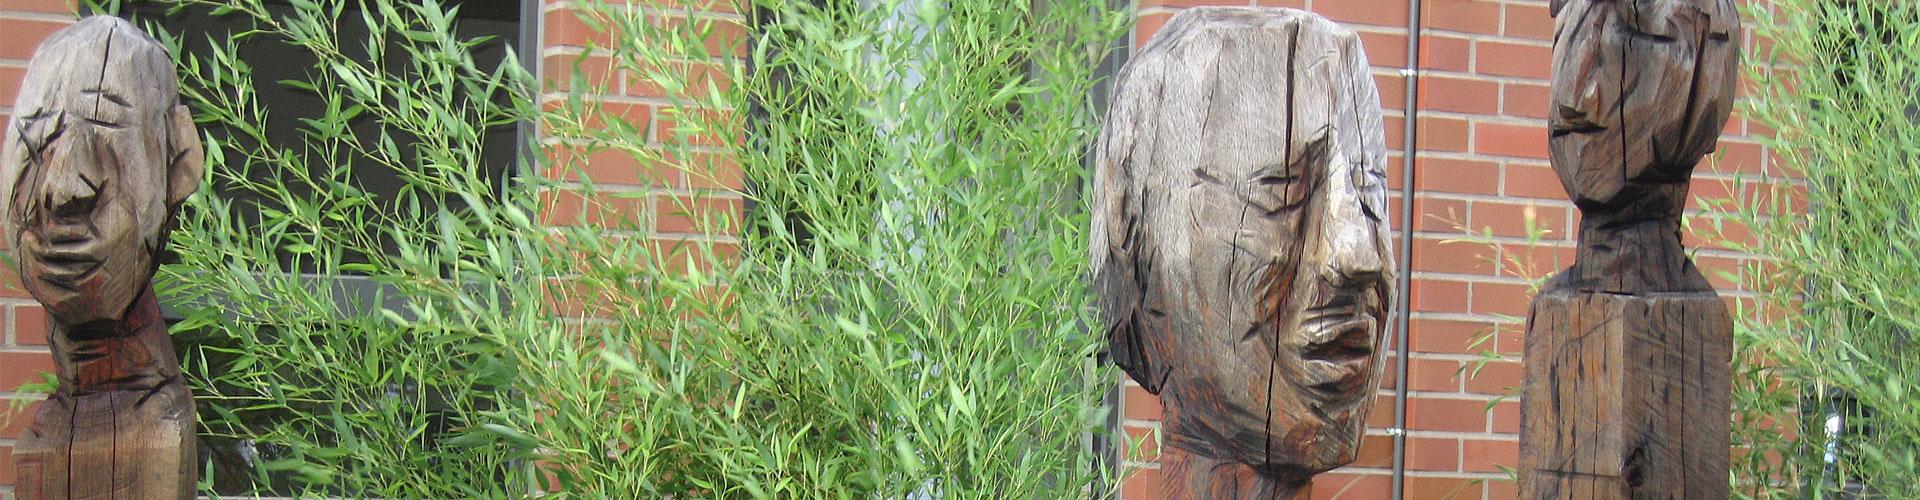 Full Size of Garten Und Landschaftsbau Hamburg Wandsbek Jobs Sasel Langenhorn Ausbildung Harburg Niendorf Bergedorf Rahlstedt Stellenangebote Galabau Gartenbau Thailand Garten Garten Und Landschaftsbau Hamburg